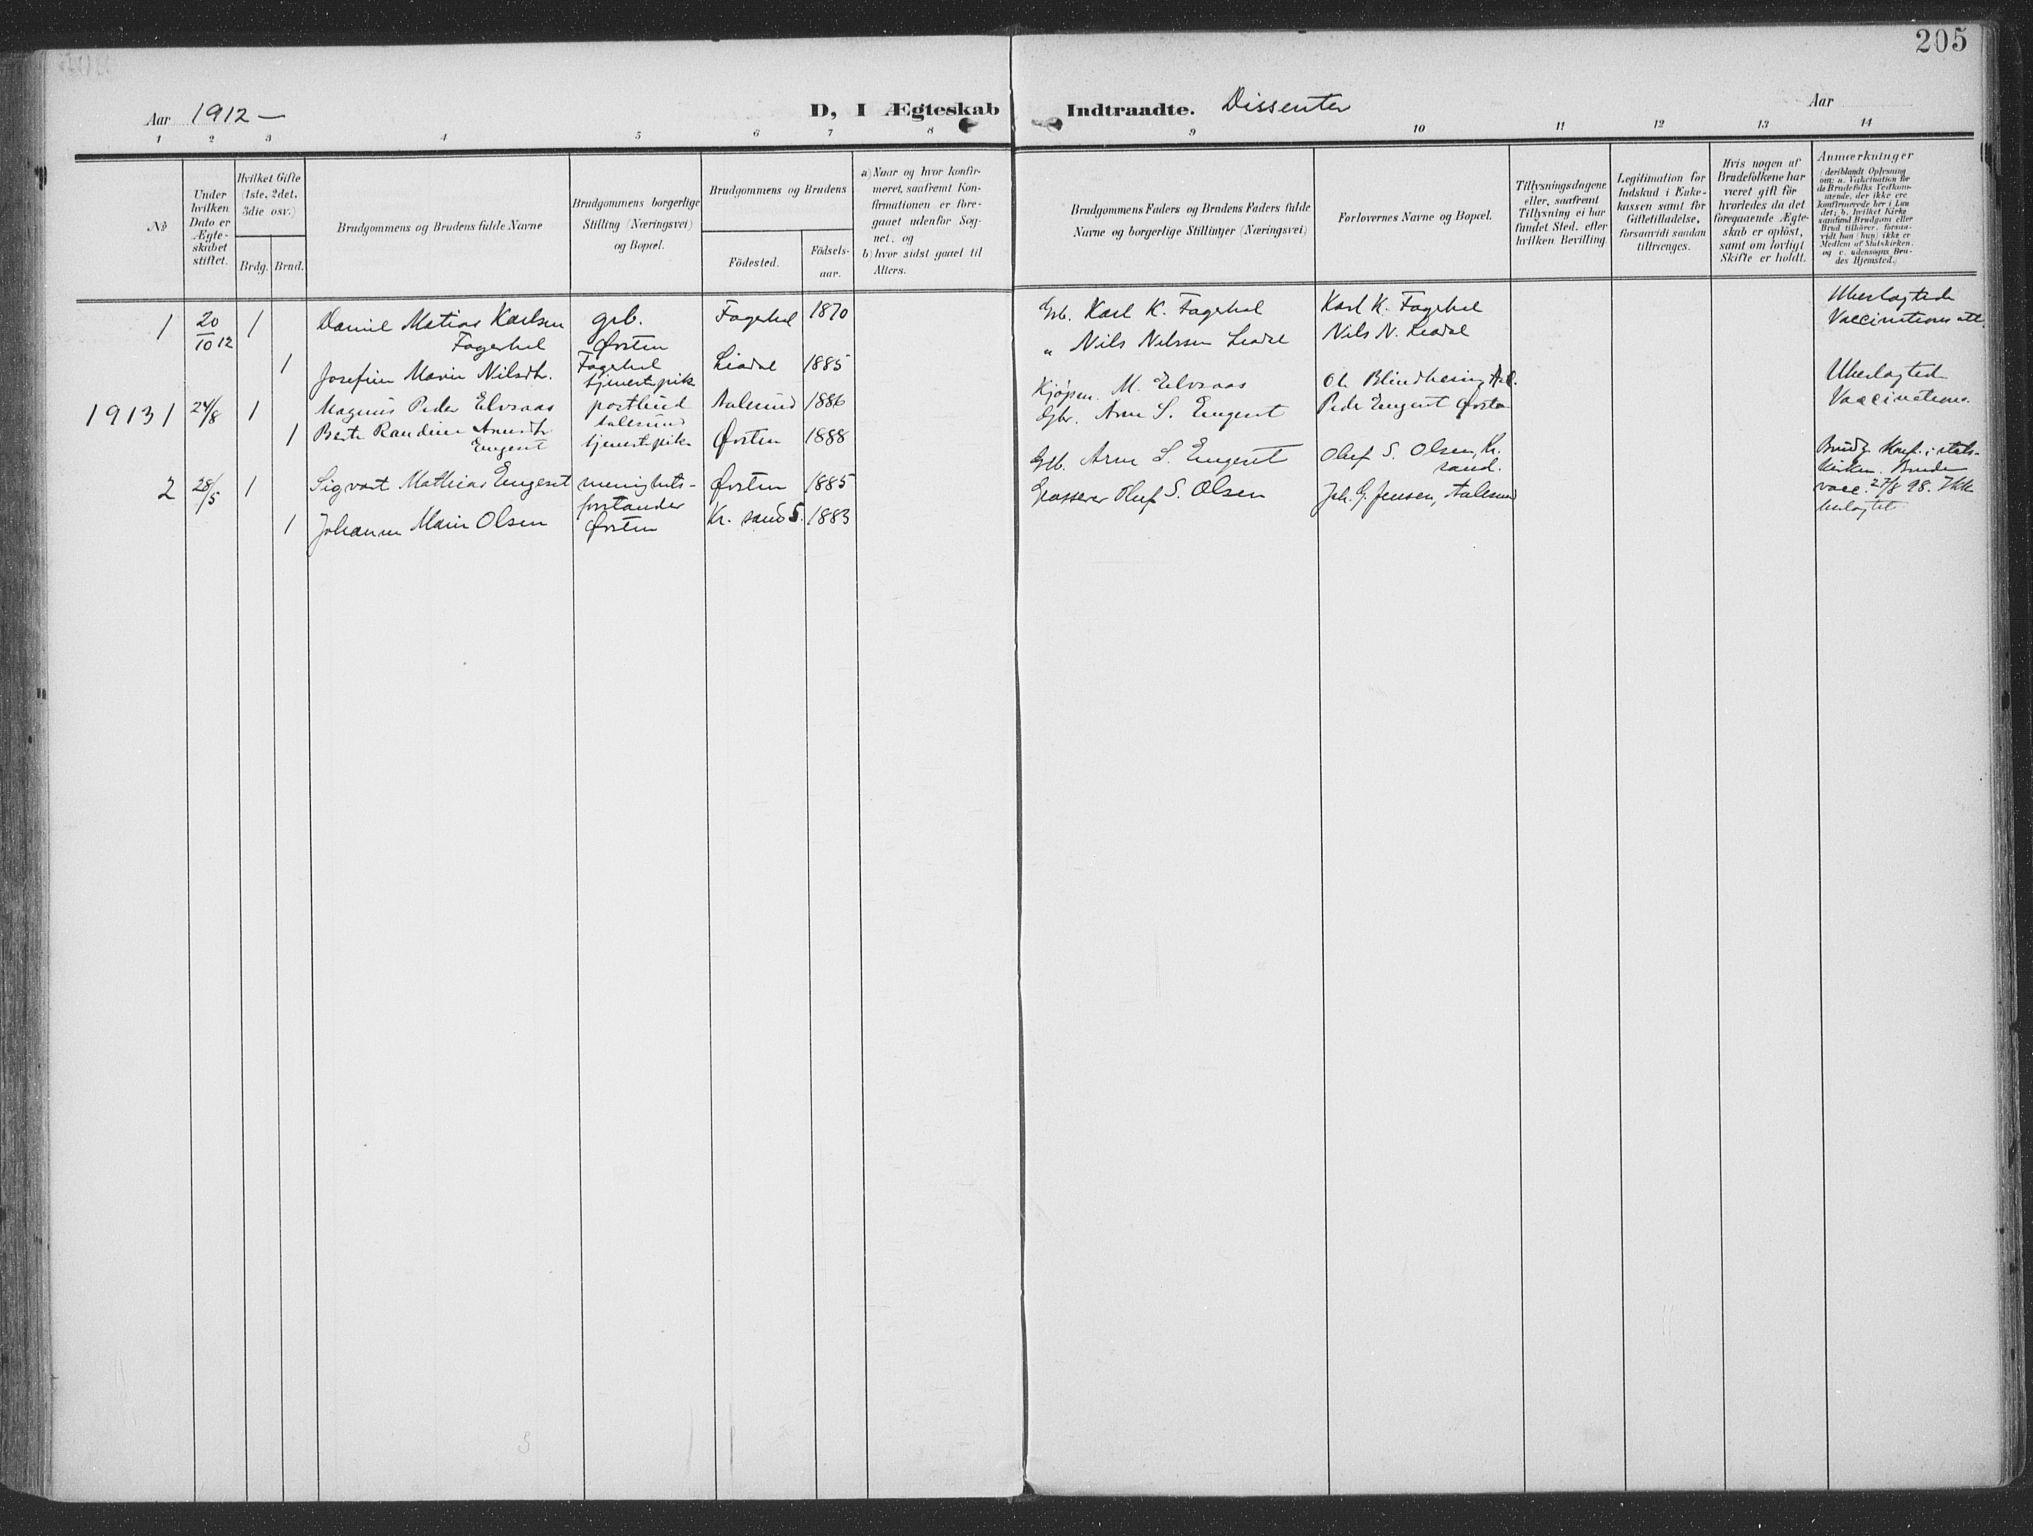 SAT, Ministerialprotokoller, klokkerbøker og fødselsregistre - Møre og Romsdal, 513/L0178: Ministerialbok nr. 513A05, 1906-1919, s. 205